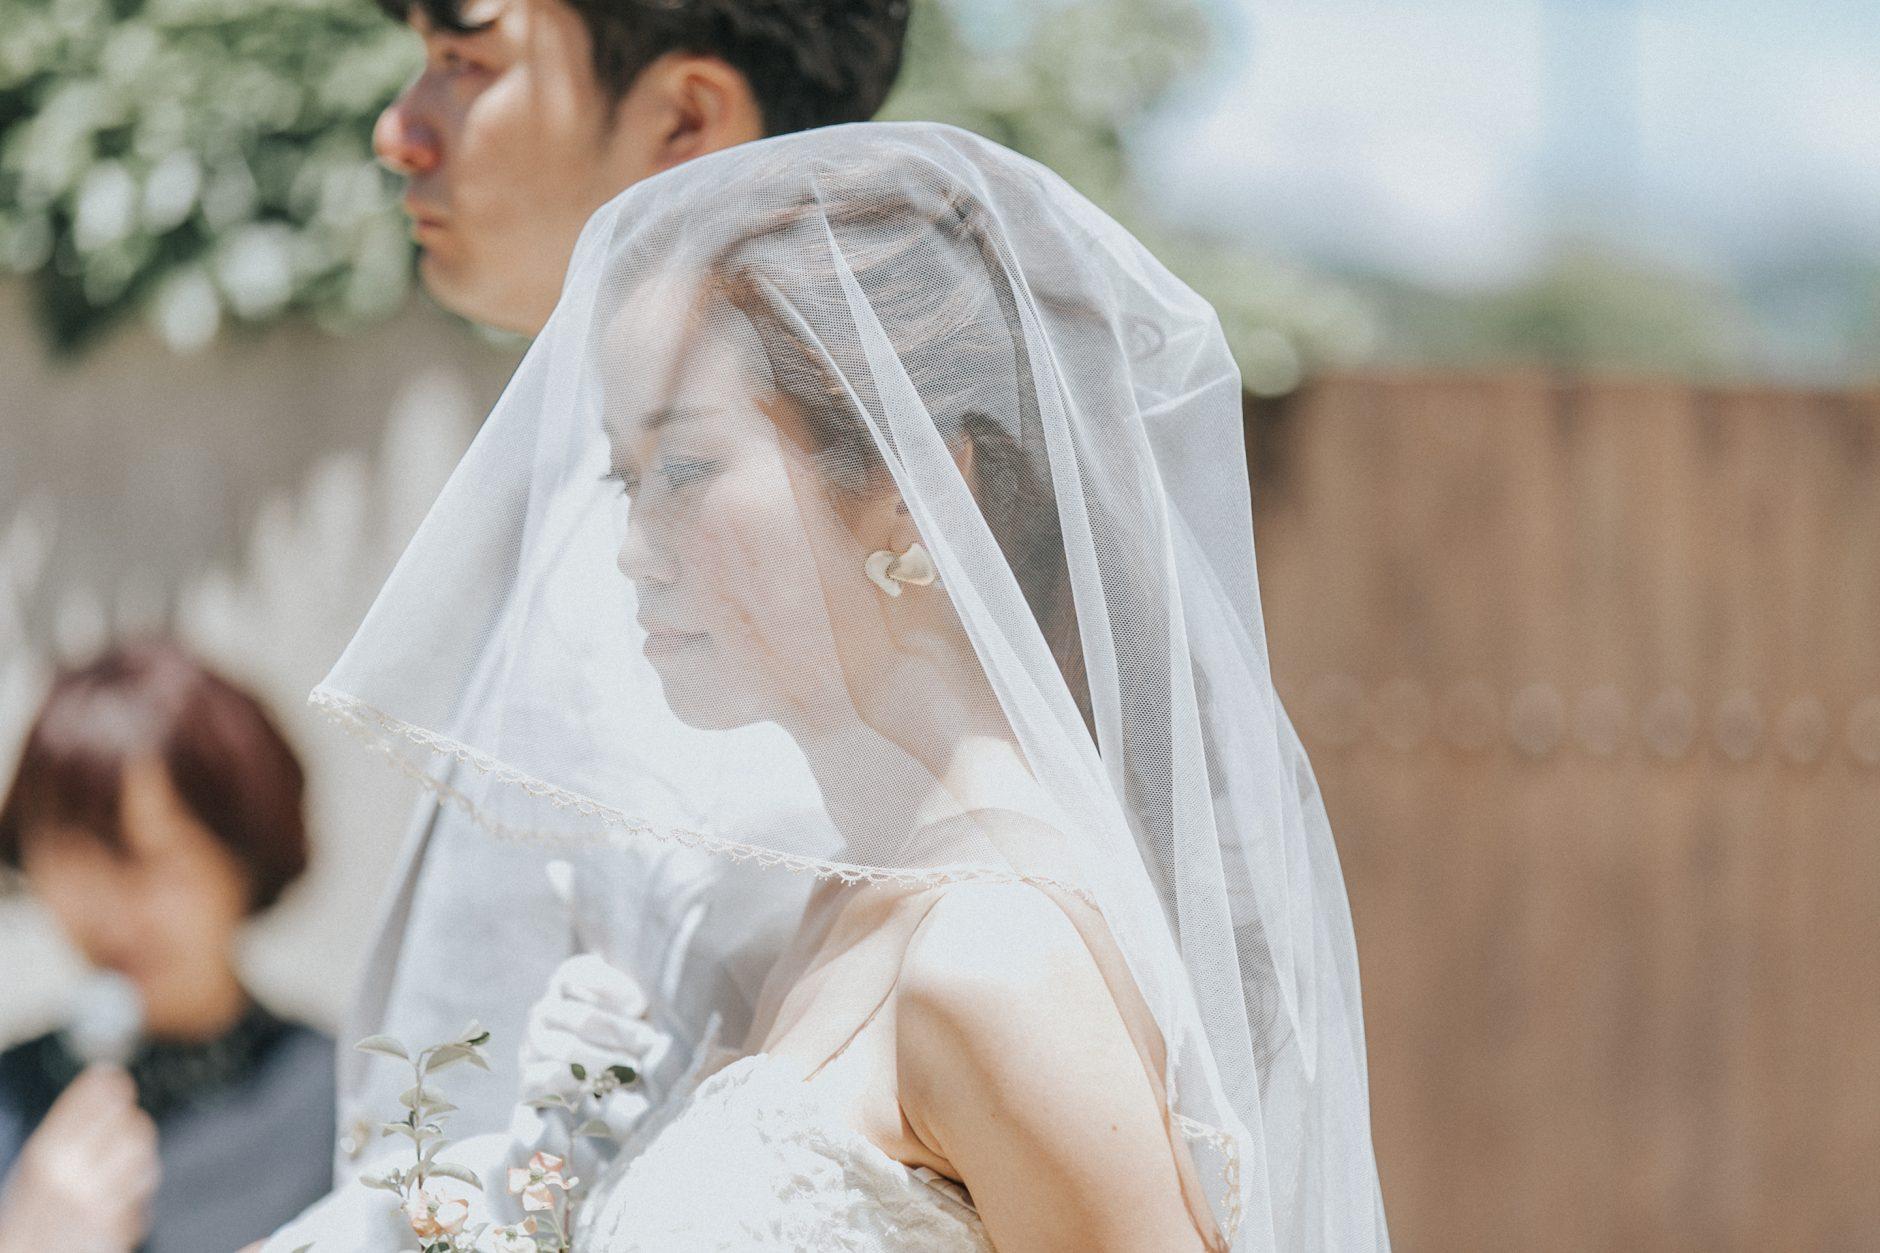 結婚式で人気の演出!絆が深まるベールダウンの儀式のパターンをご紹介